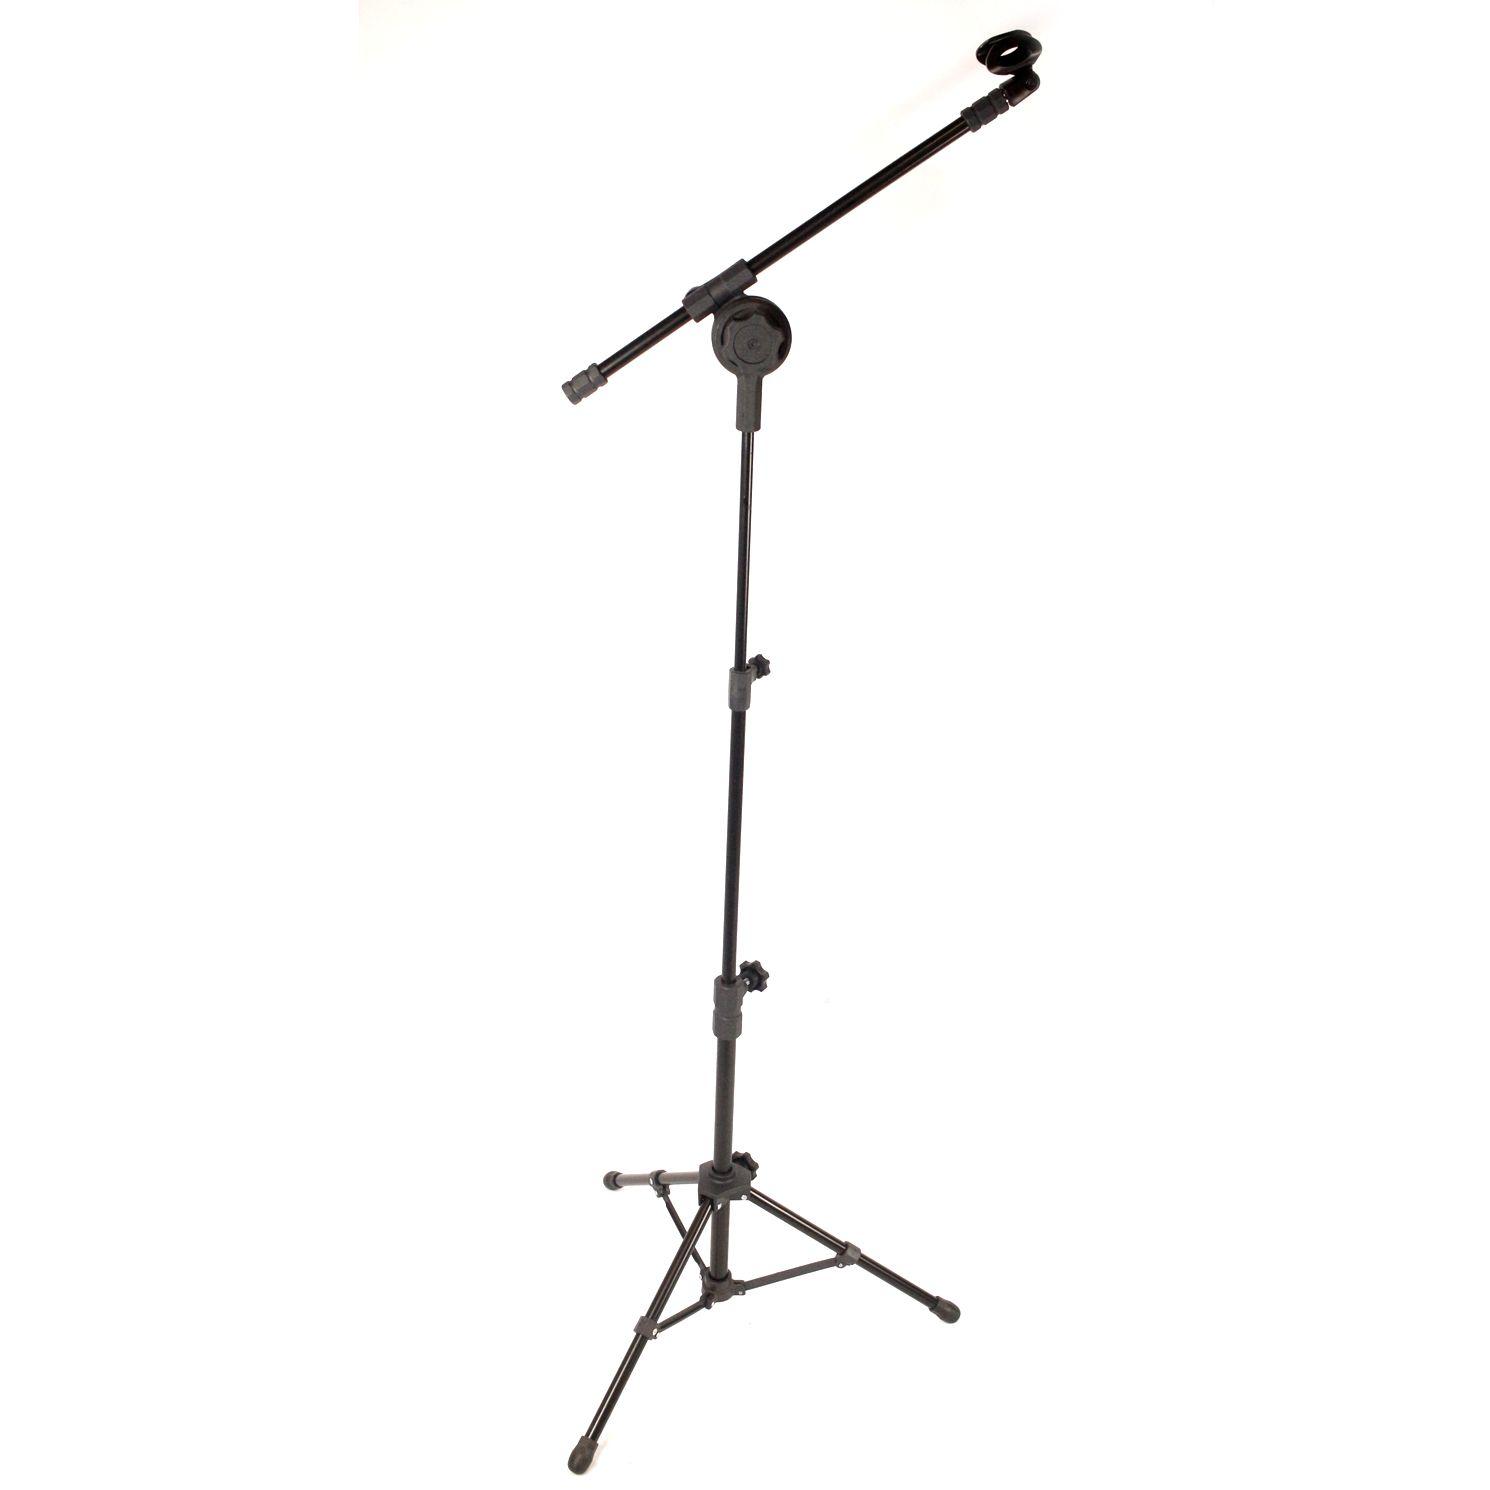 Pedestal Microfone Visao PE4BK Girafa com PES Dobraveis 2 Estagios de Altura